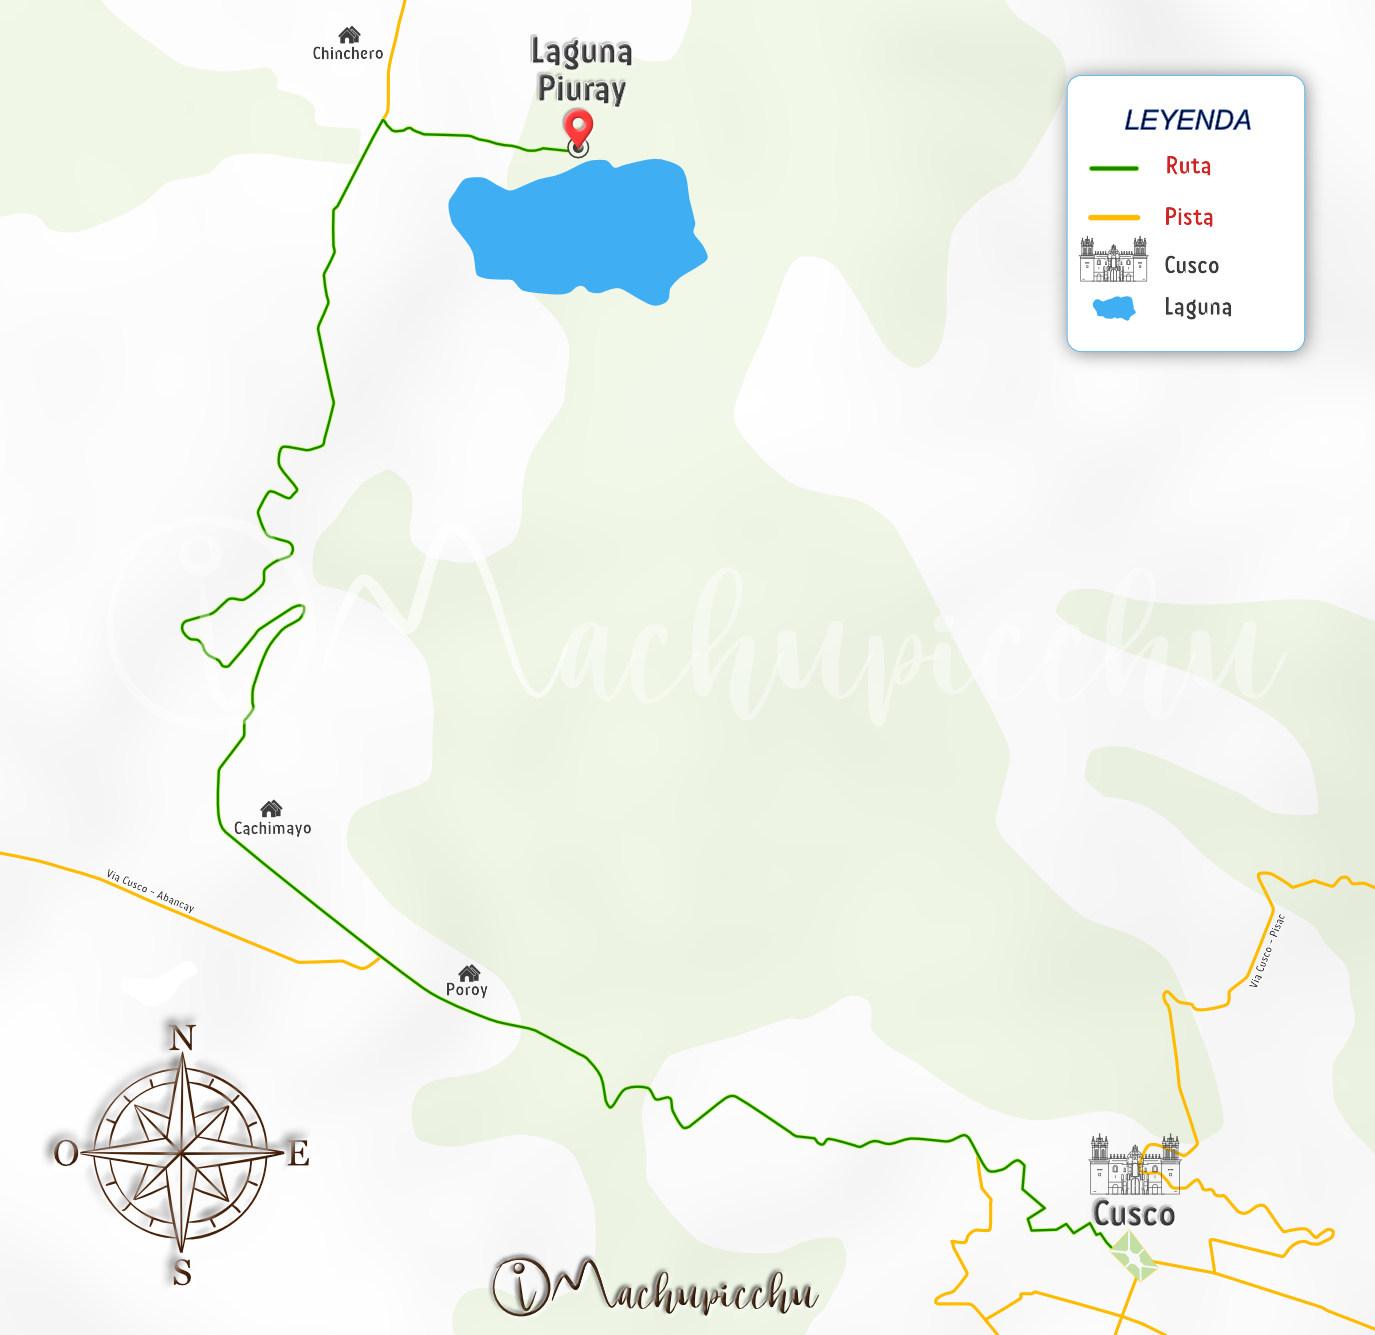 Mapa para chegar a Piuray